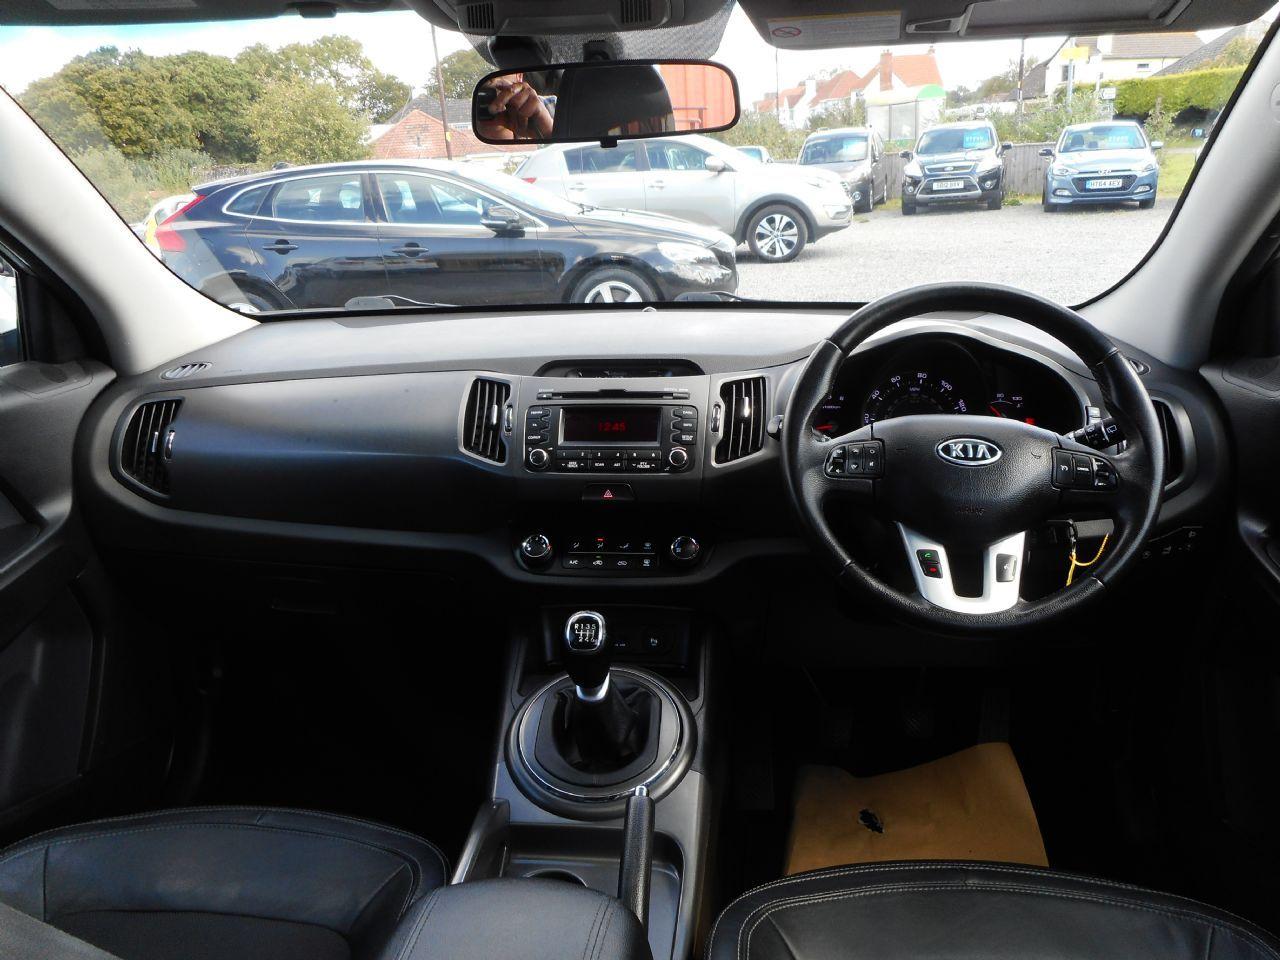 KIA Sportage 1.7 CRDi 2 2WD (2012) - Picture 12